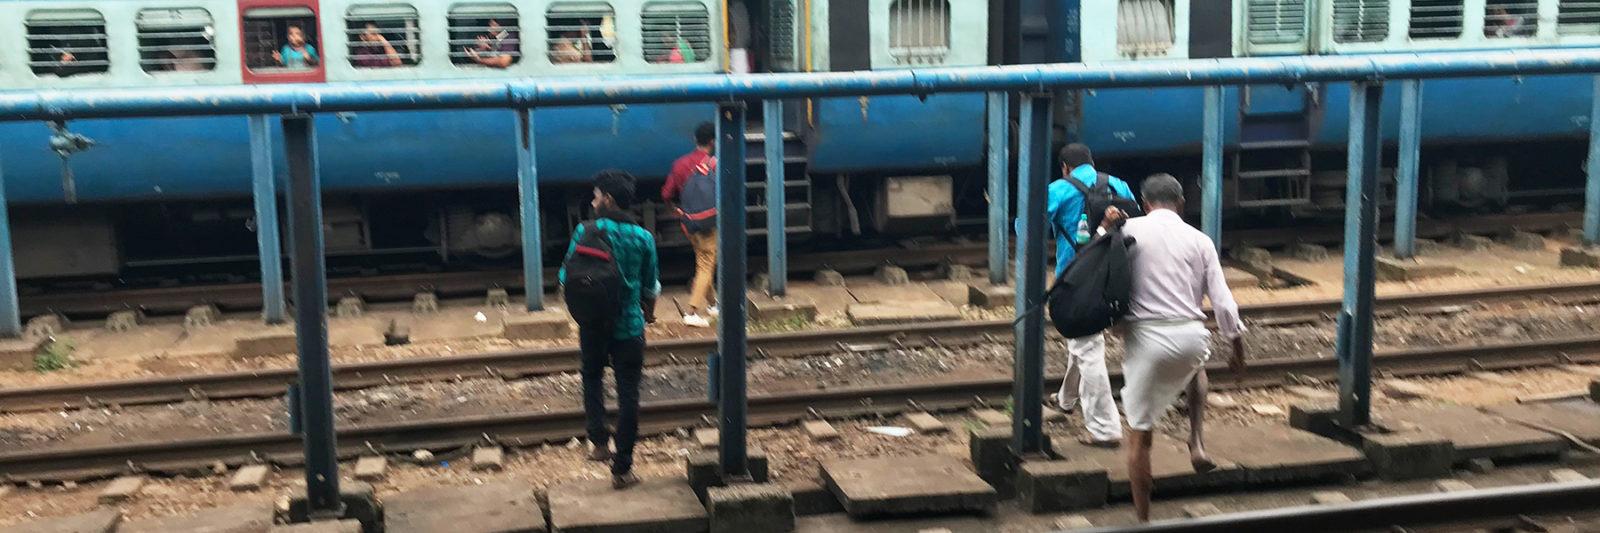 インド・マンガロール駅、線路を歩く人